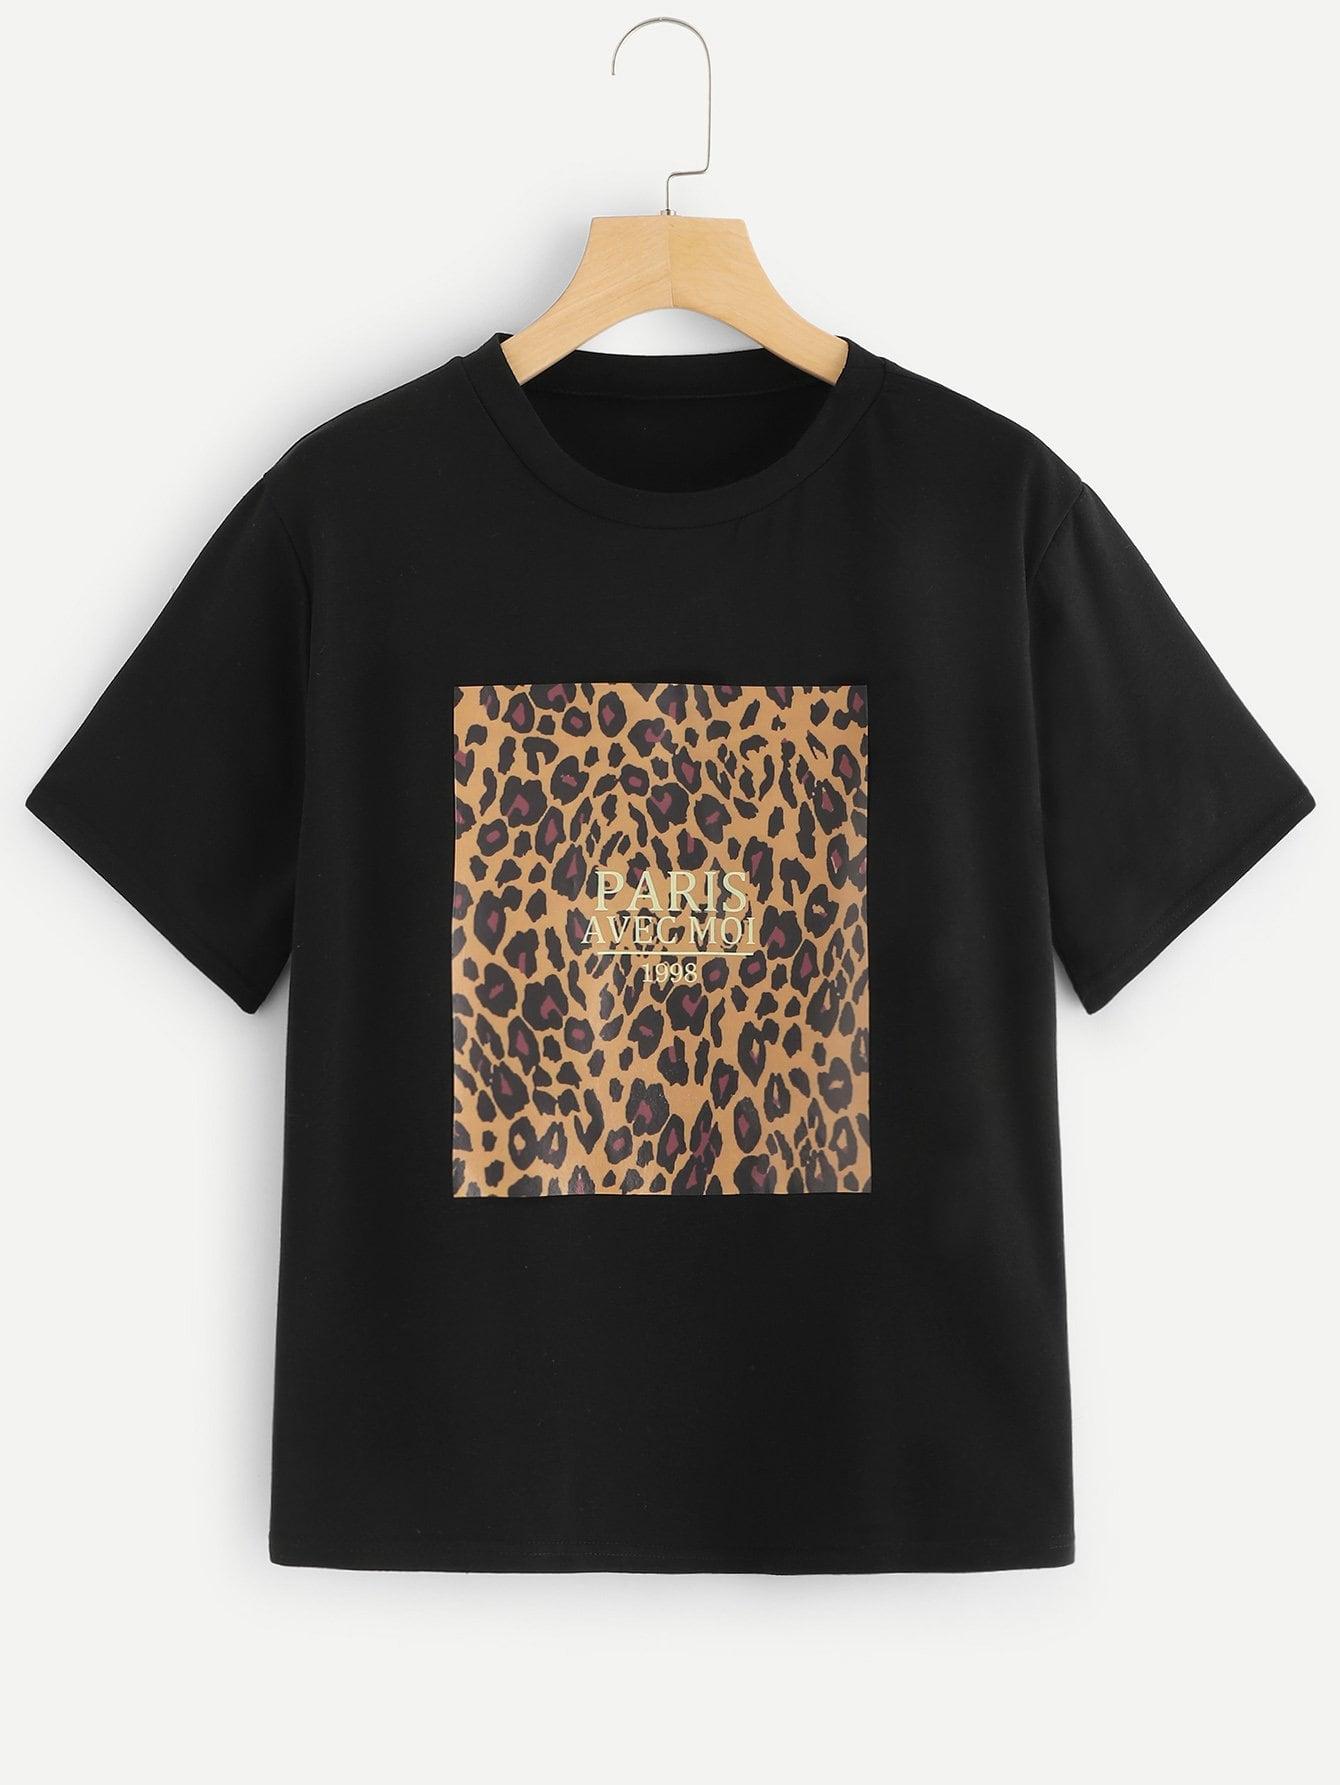 Фото - Размера плюс леопардовая футболка с текстовым принтом от SheIn цвет чёрные